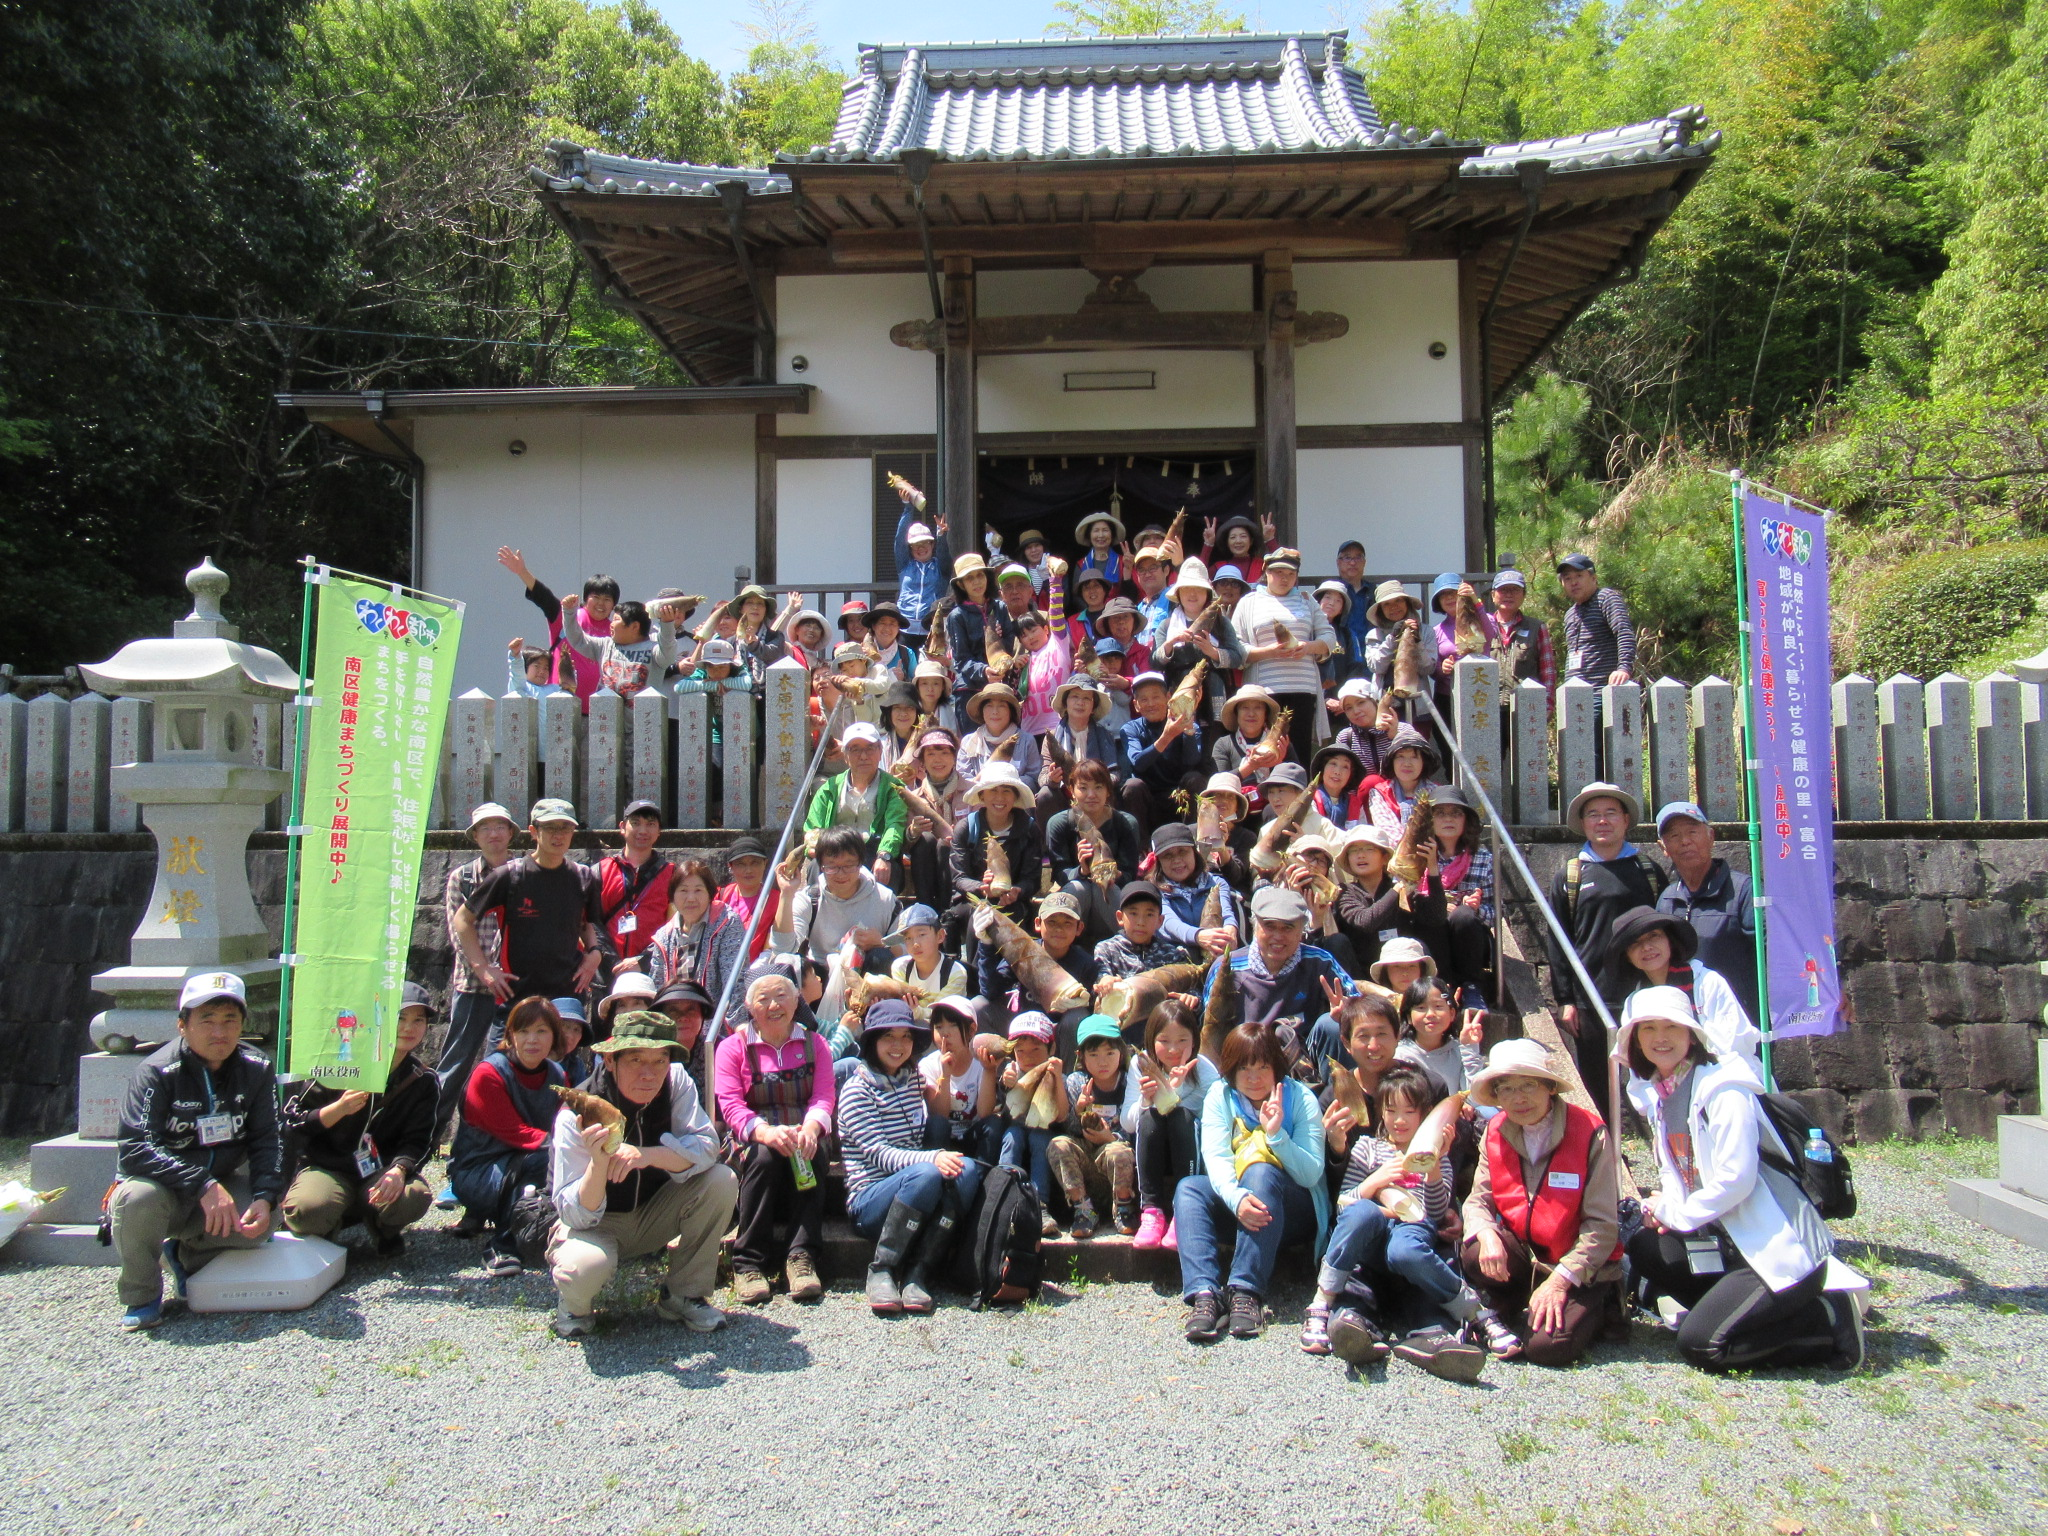 竹の子掘りウォーキング